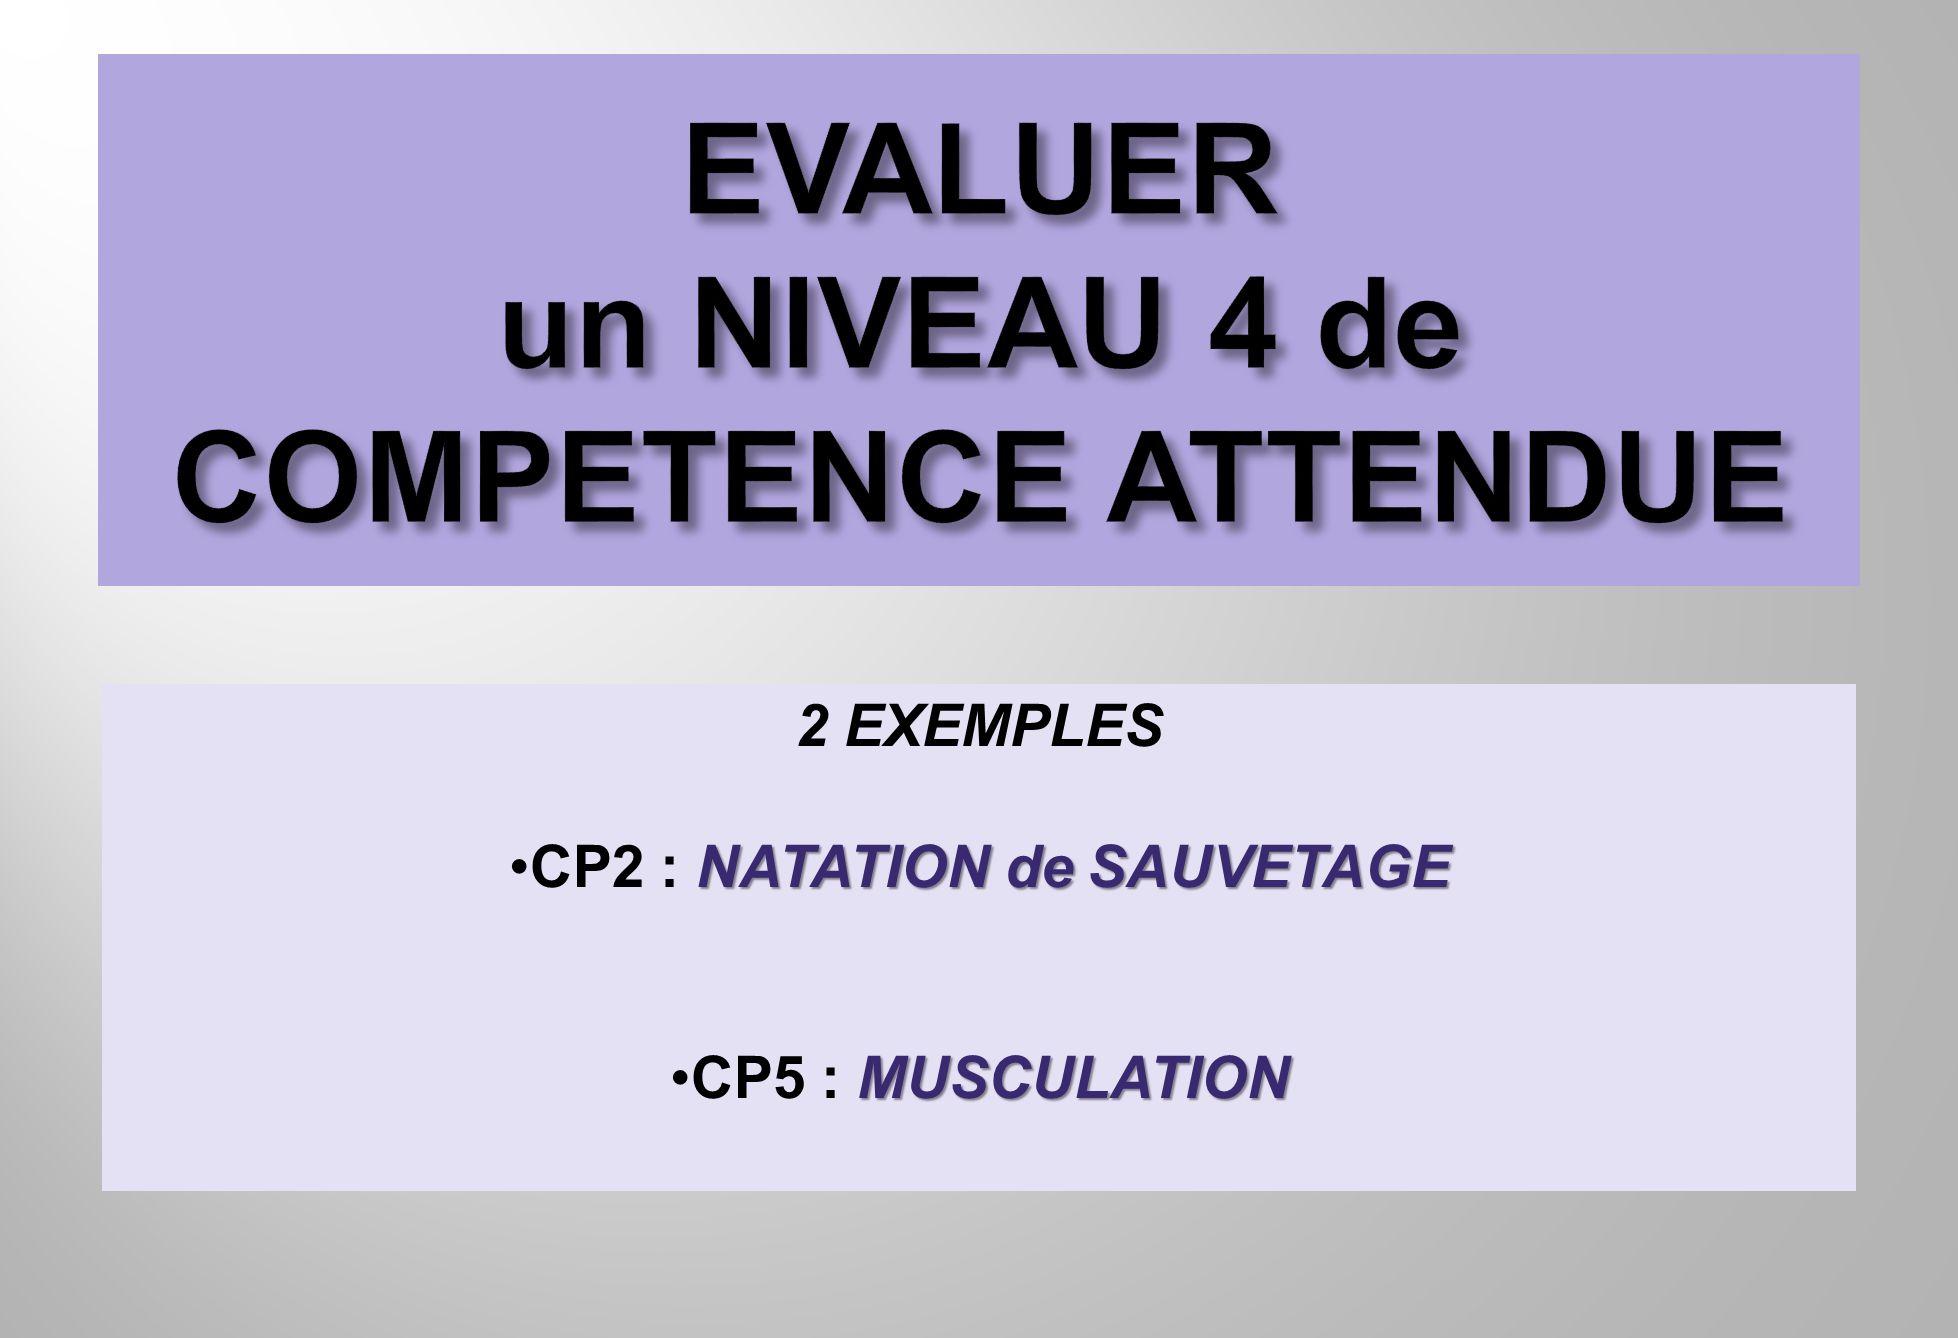 2 EXEMPLES NATATION de SAUVETAGECP2 : NATATION de SAUVETAGE MUSCULATIONCP5 : MUSCULATION